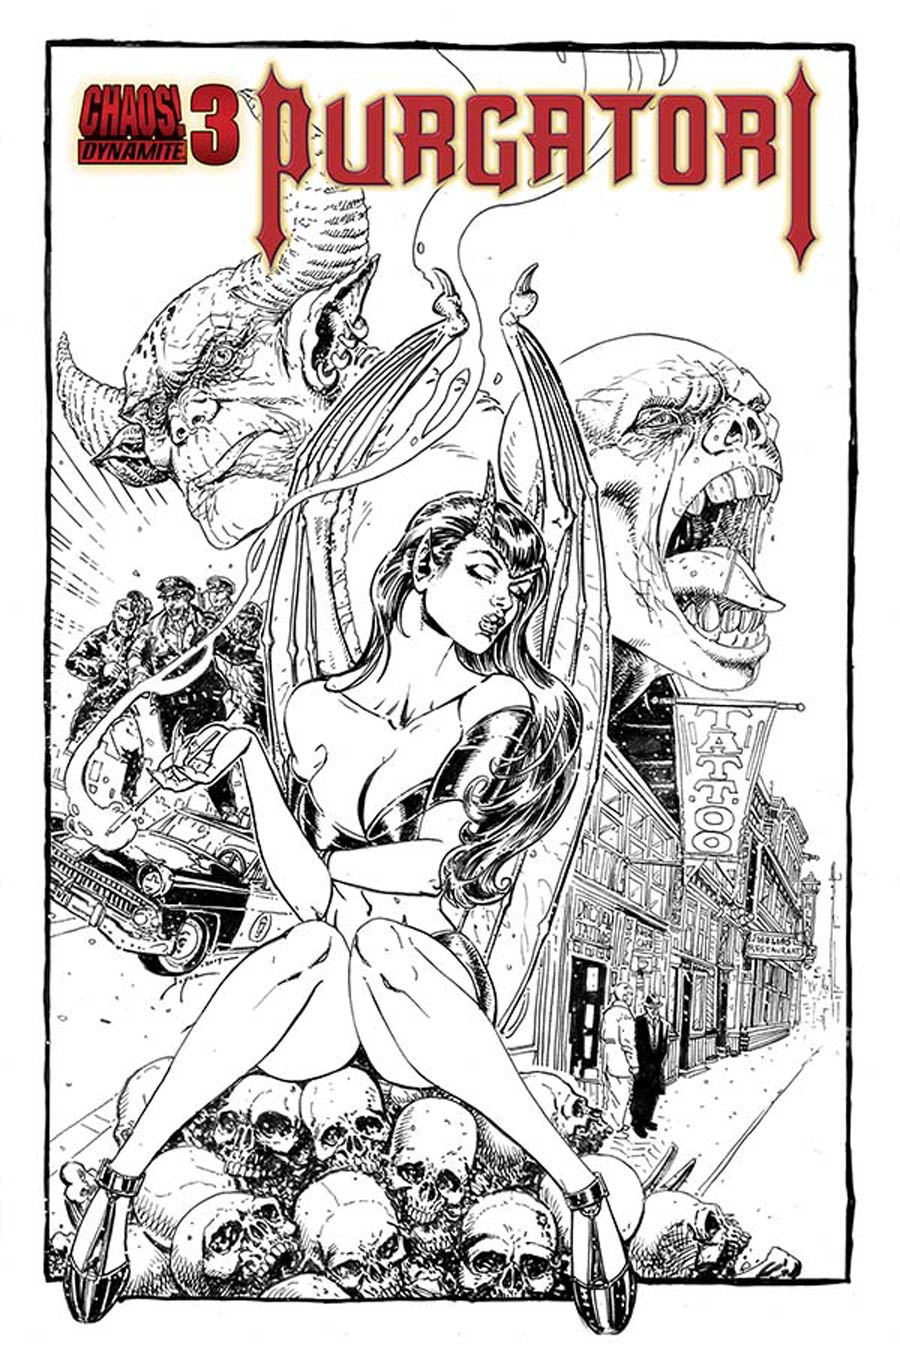 Purgatori Vol 3 #3 Cover E Incentive Joyce Chin Black & White Cover